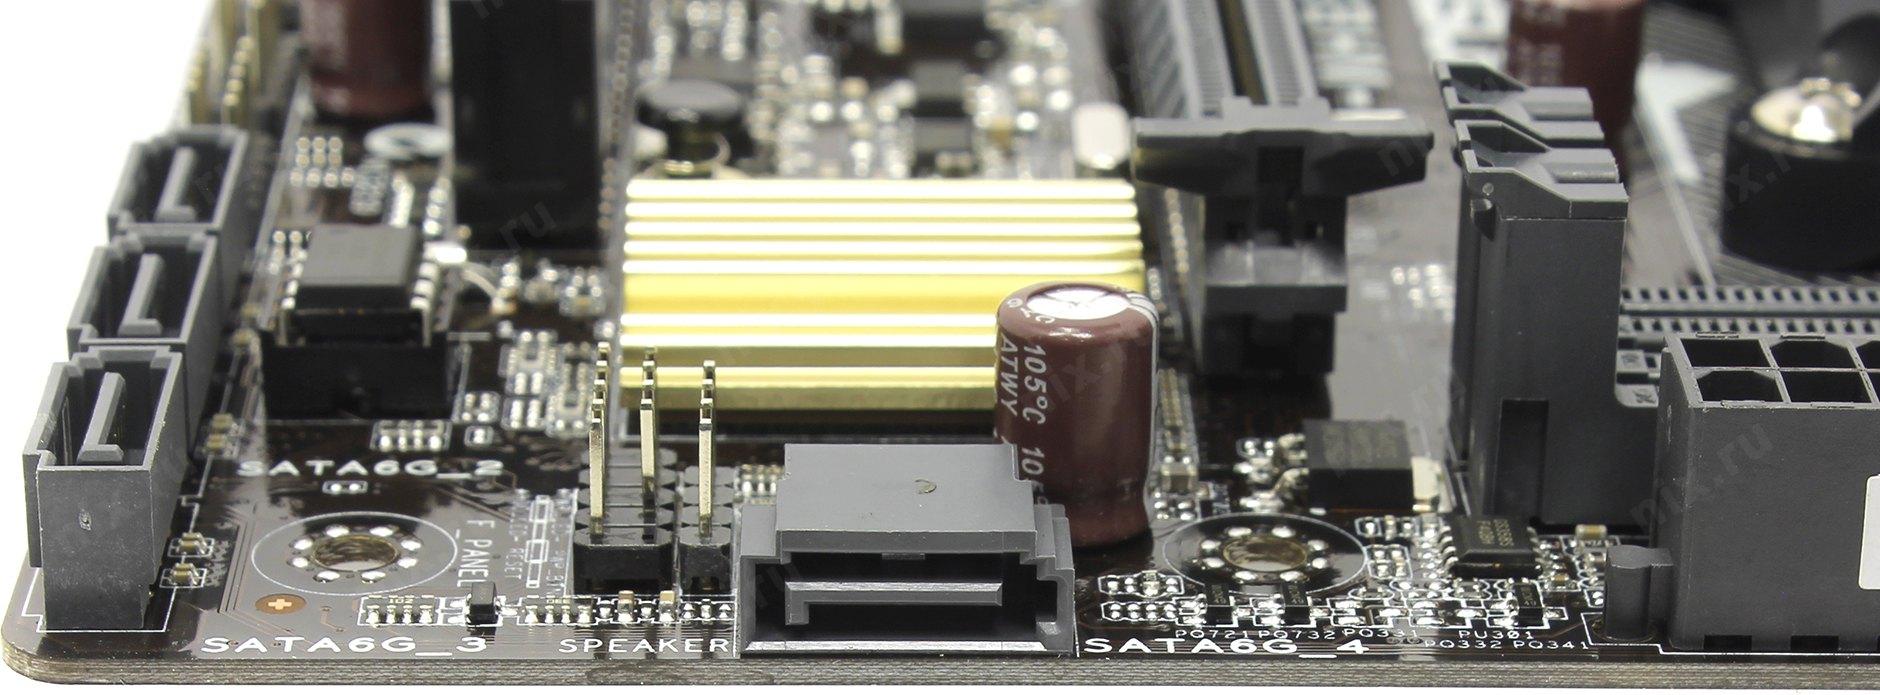 Asus A68hm K Motherboard Socket Fm2